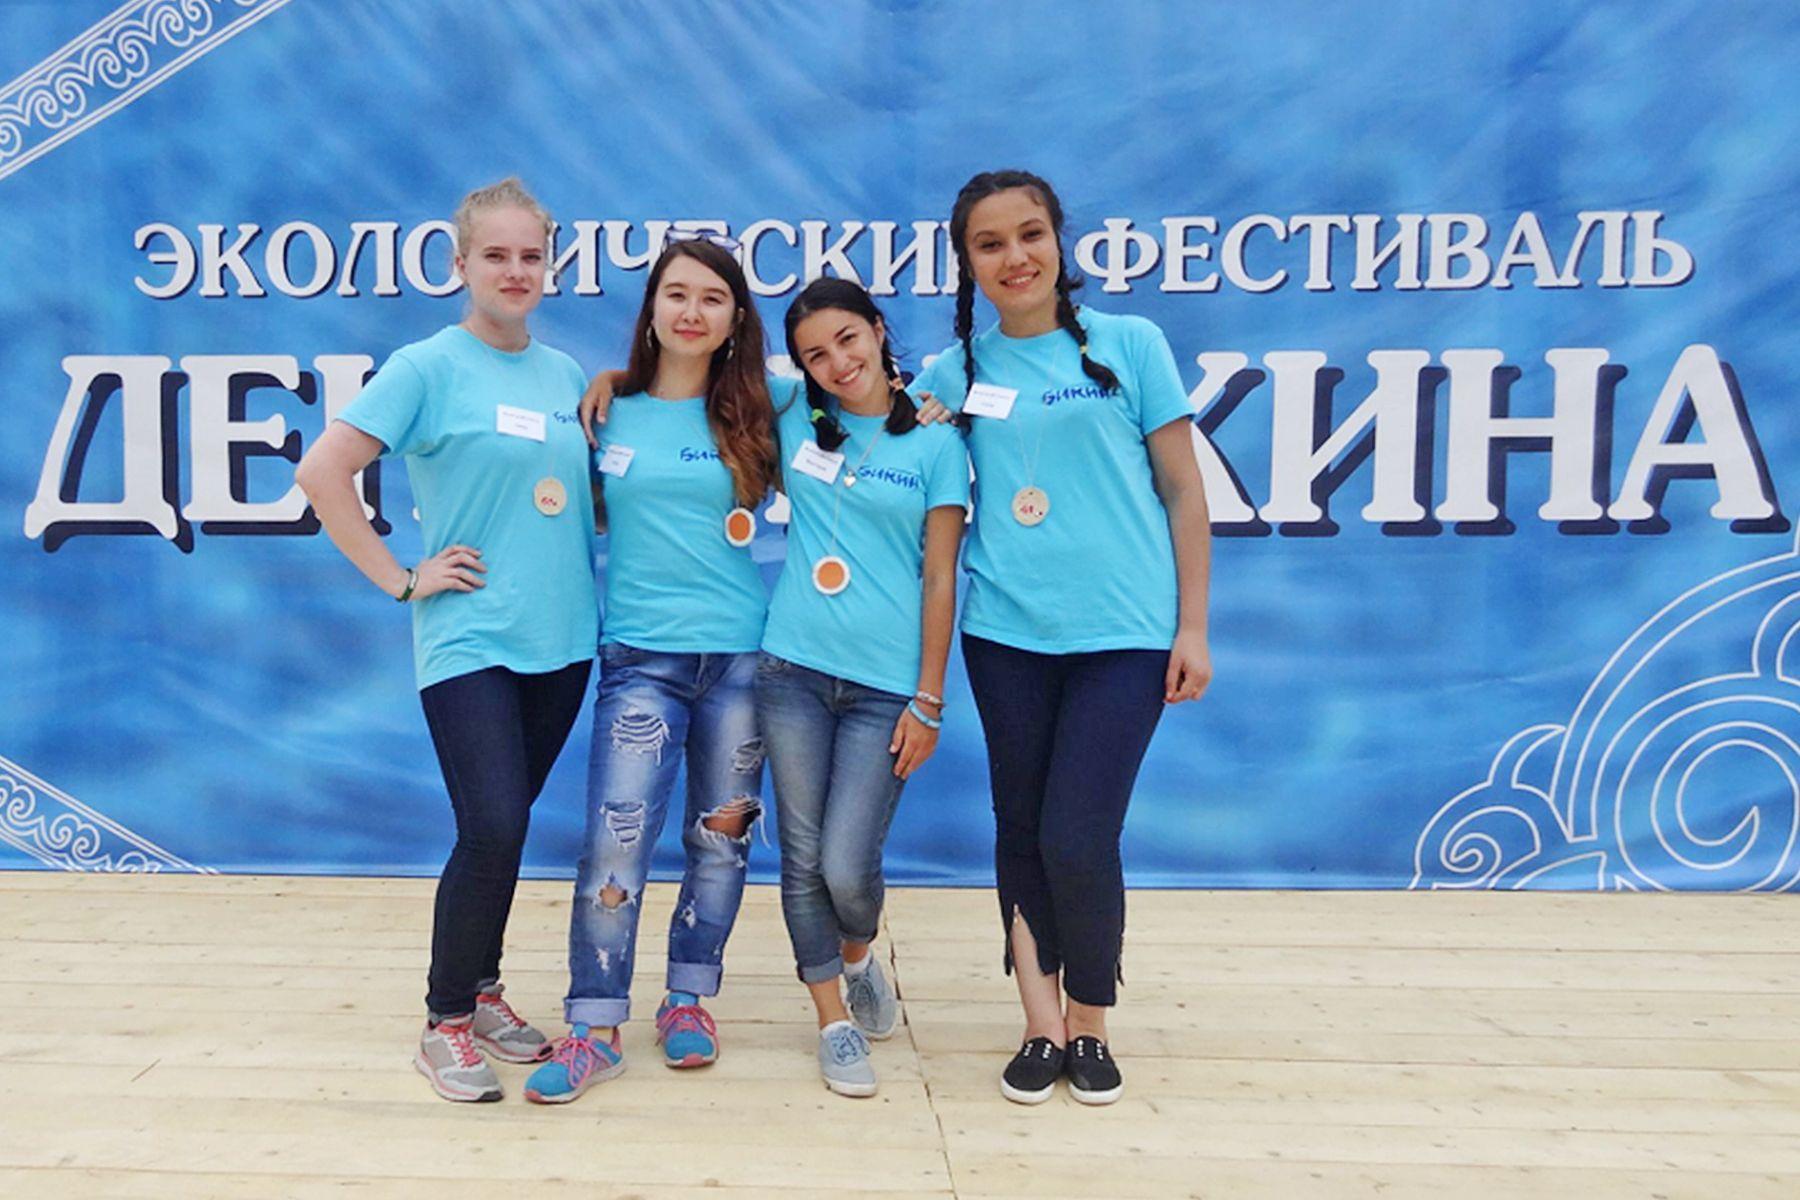 Студенты МИТГ ВГУЭС развивают экотуризм в Приморье